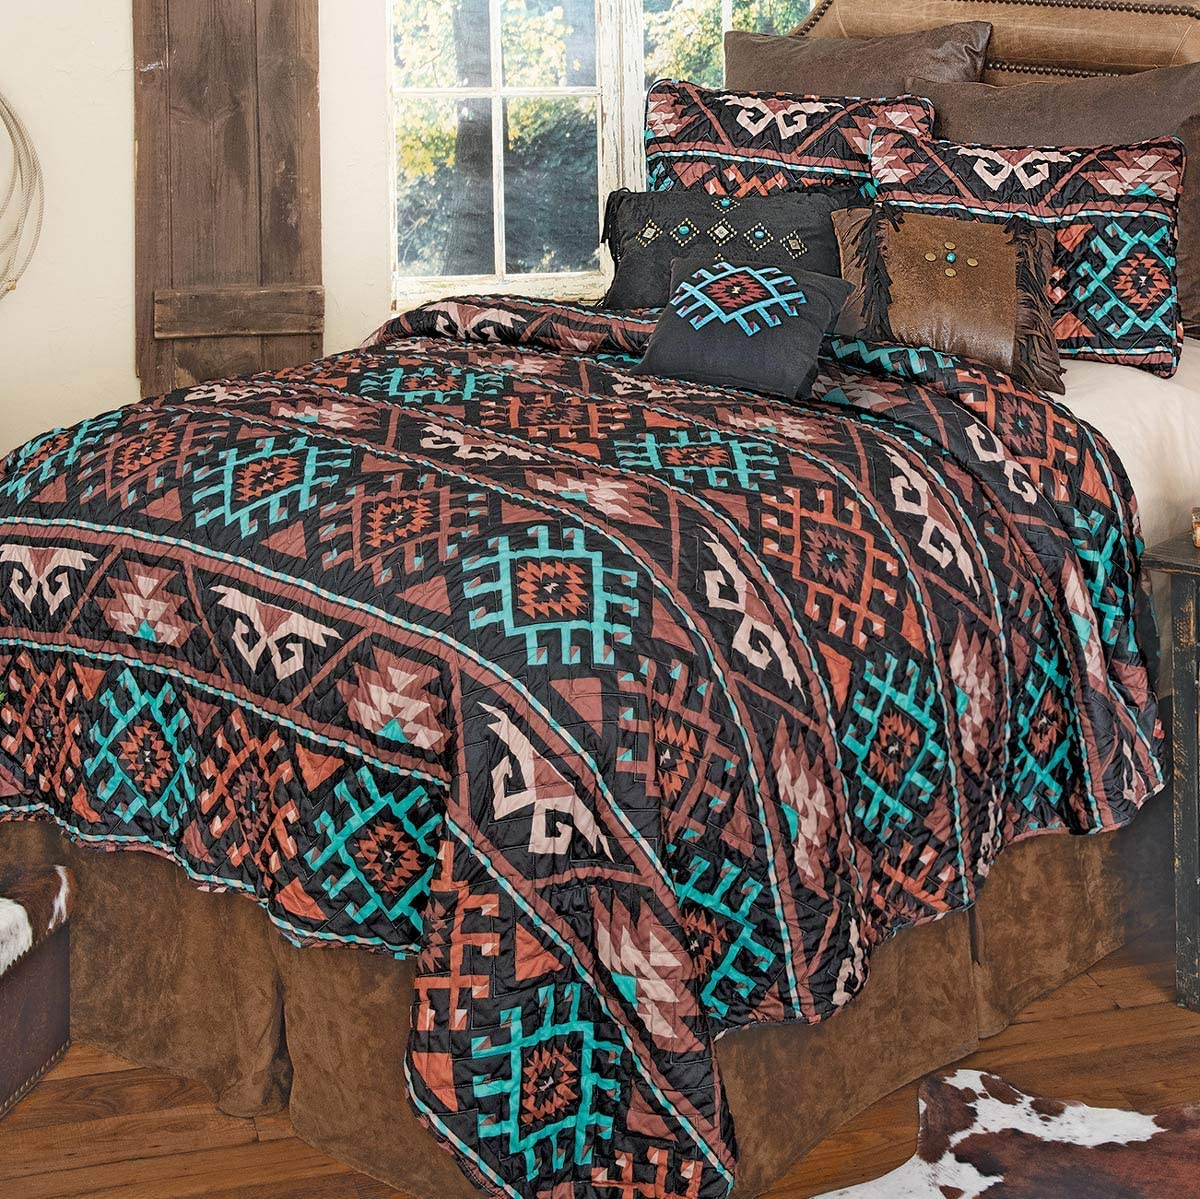 BLACK FOREST DECOR Tucson Southwest Quilt Set - Queen - Clearance